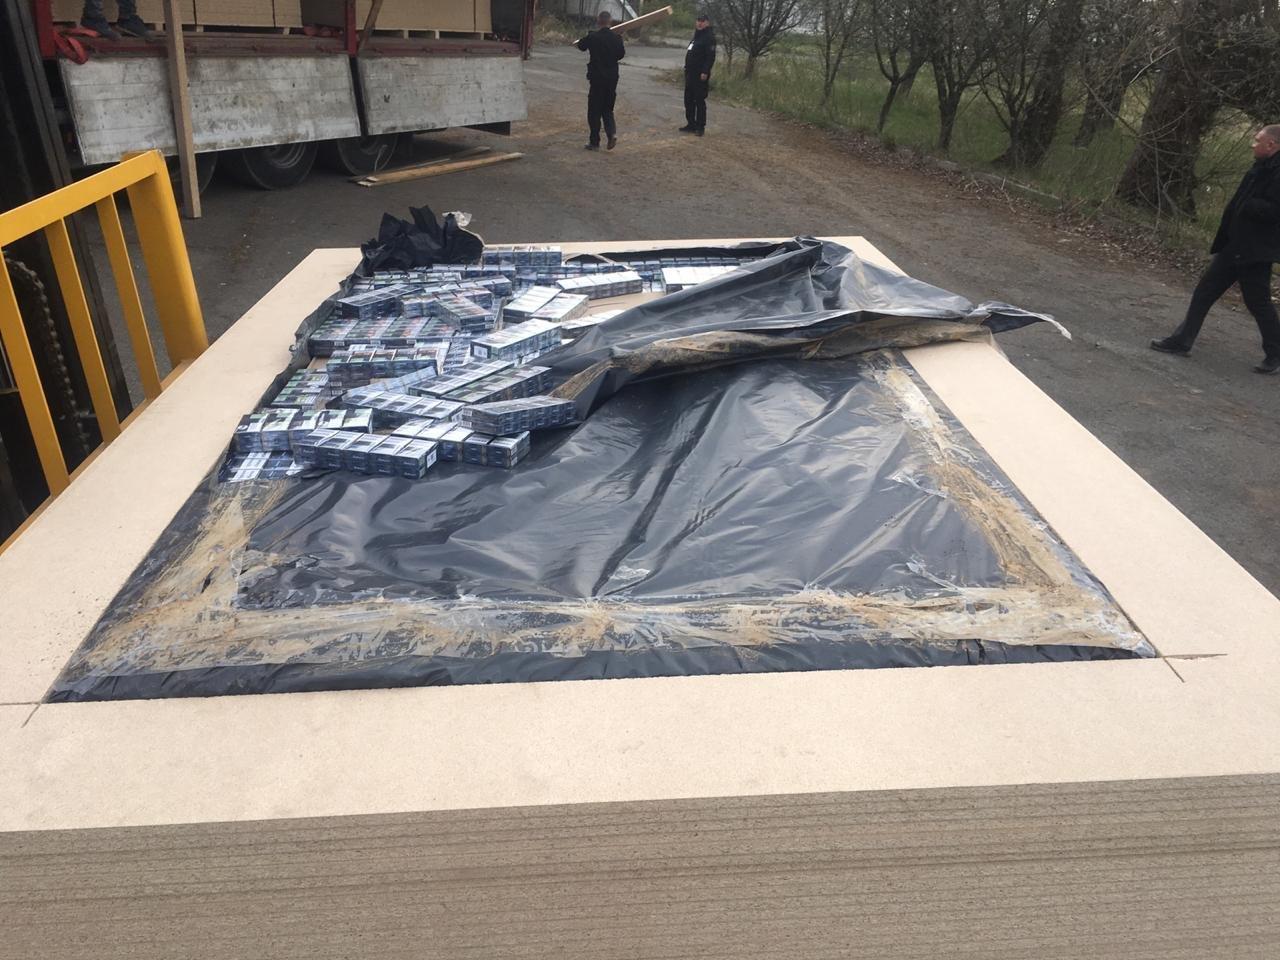 Російська контрабанда: на кордоні Закарпаття у плитах ДСП знайшли цигарки на майже 6 млн гривень (ФОТО, ВІДЕО), фото-7